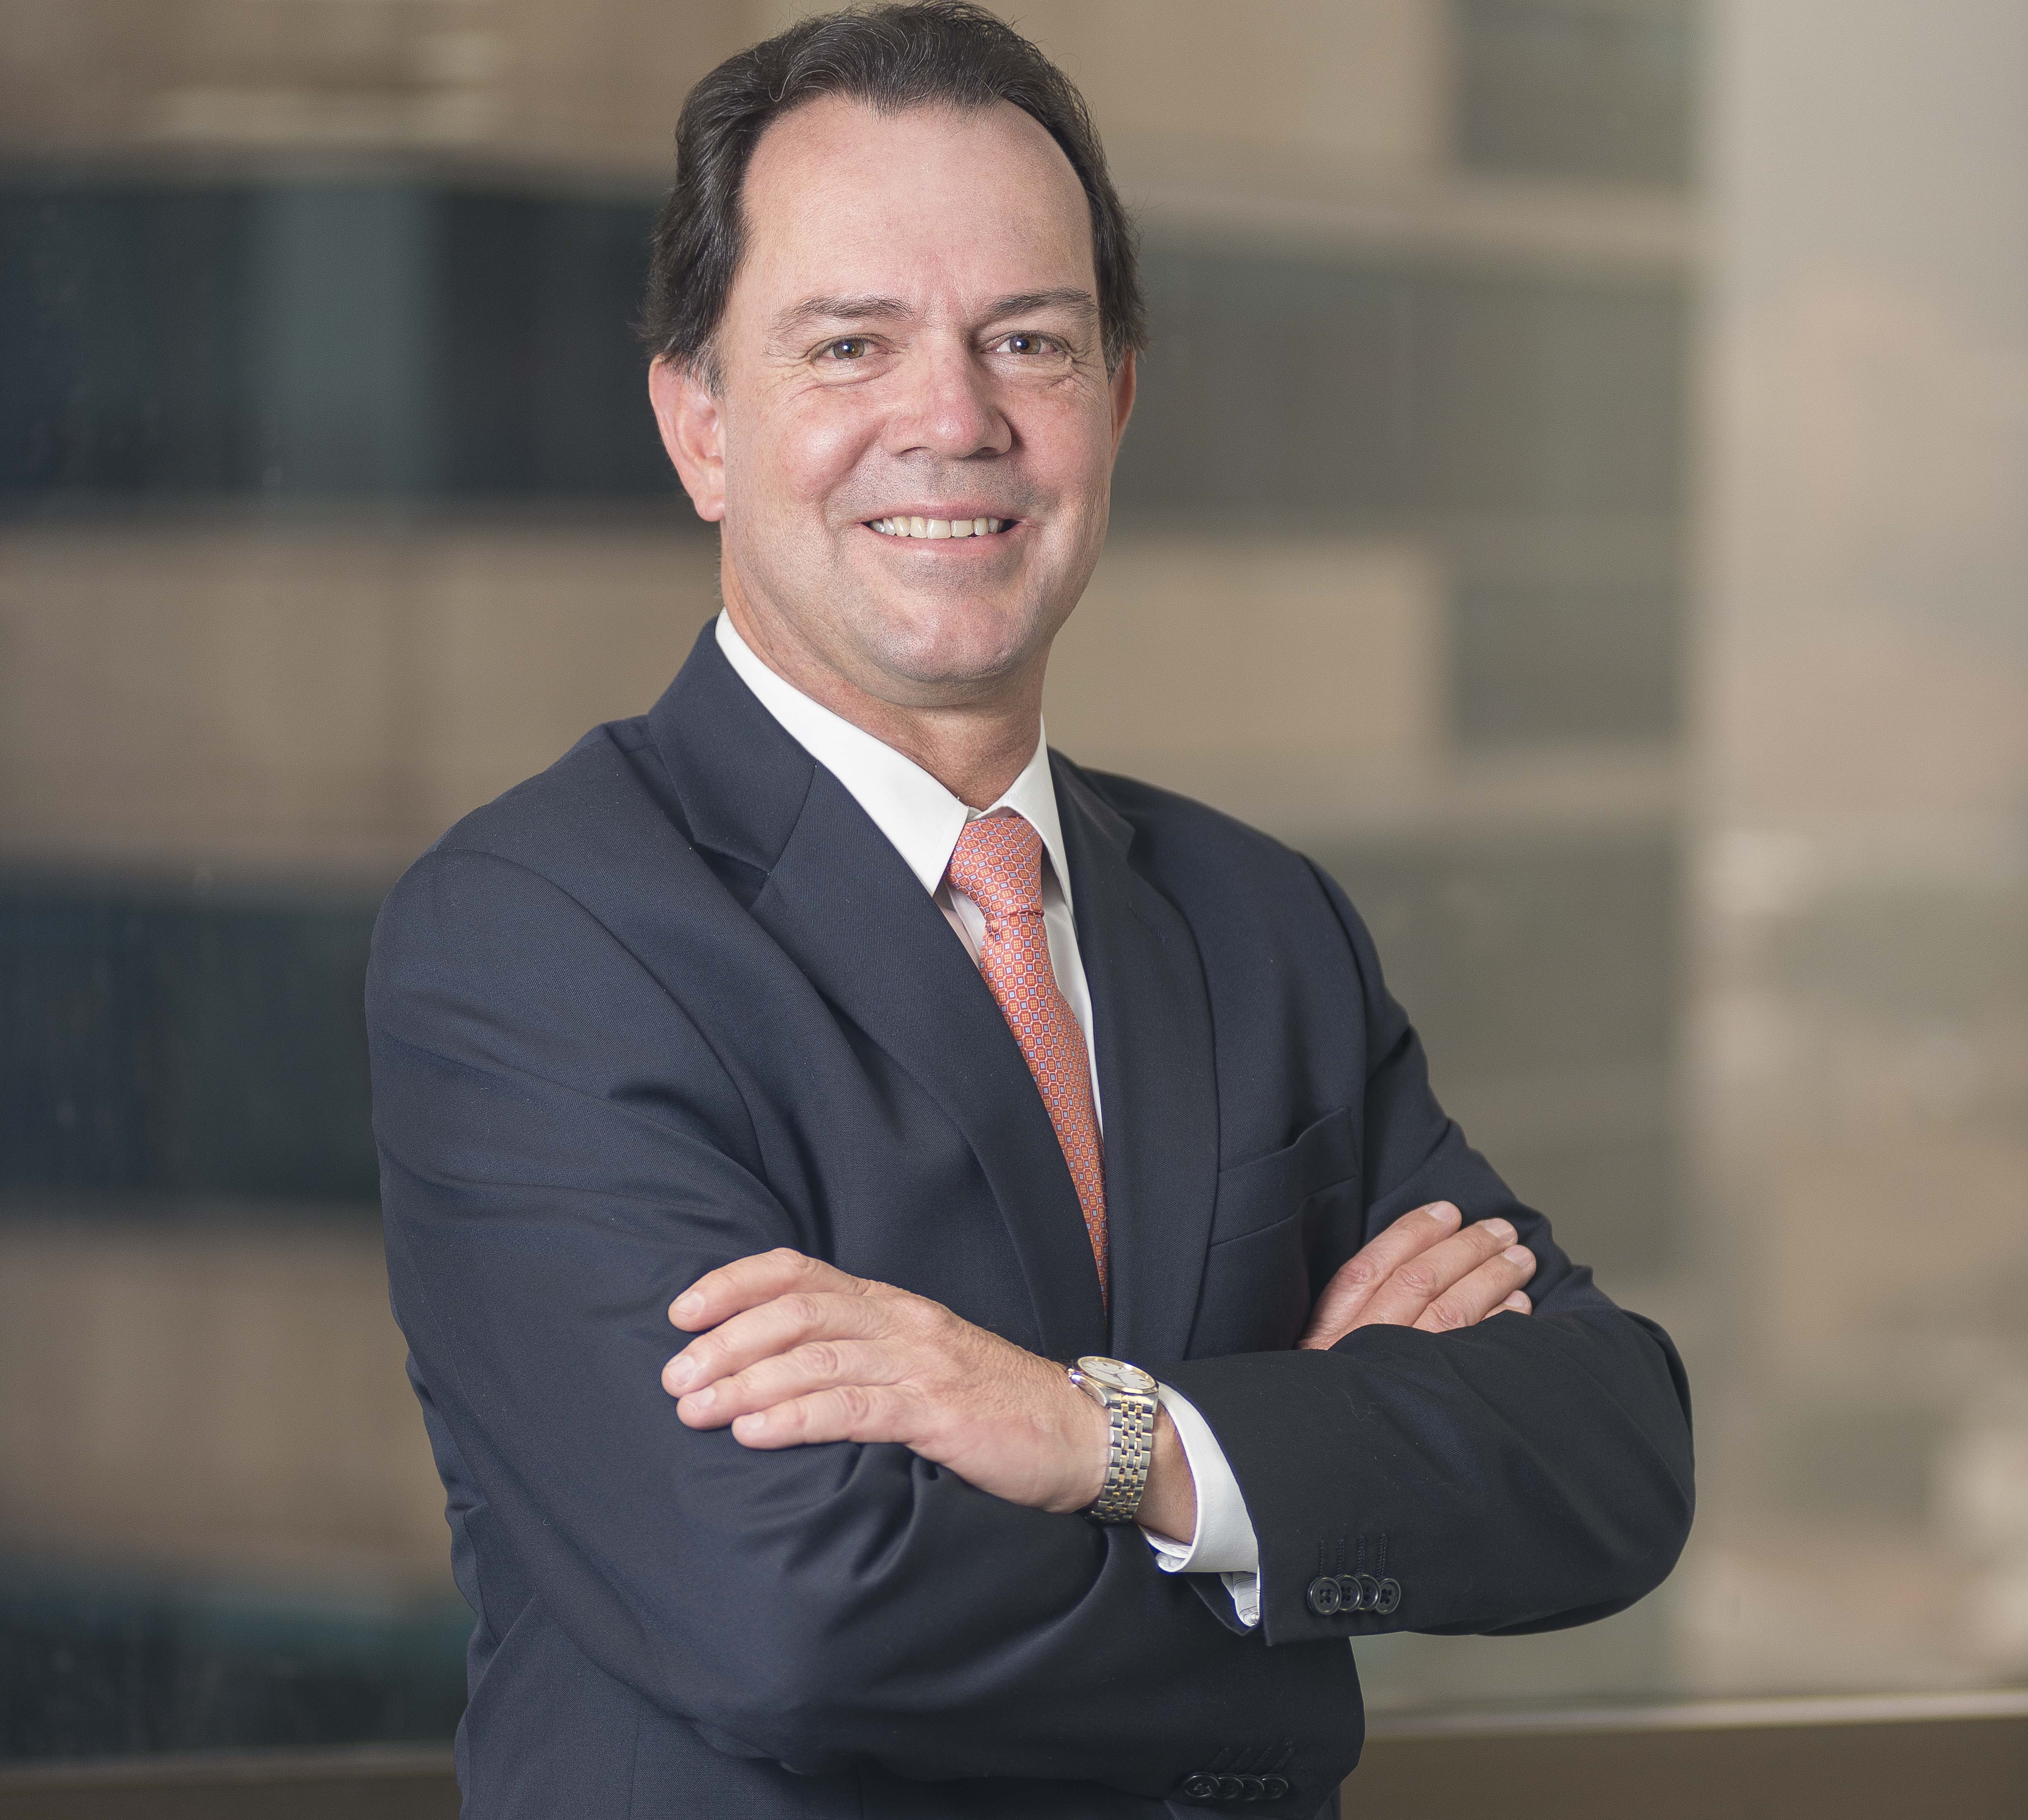 Organización de América Latina y el Caribe. Nombrado un colombiano presidente de la AACCLA | Economía | EL FRENTE